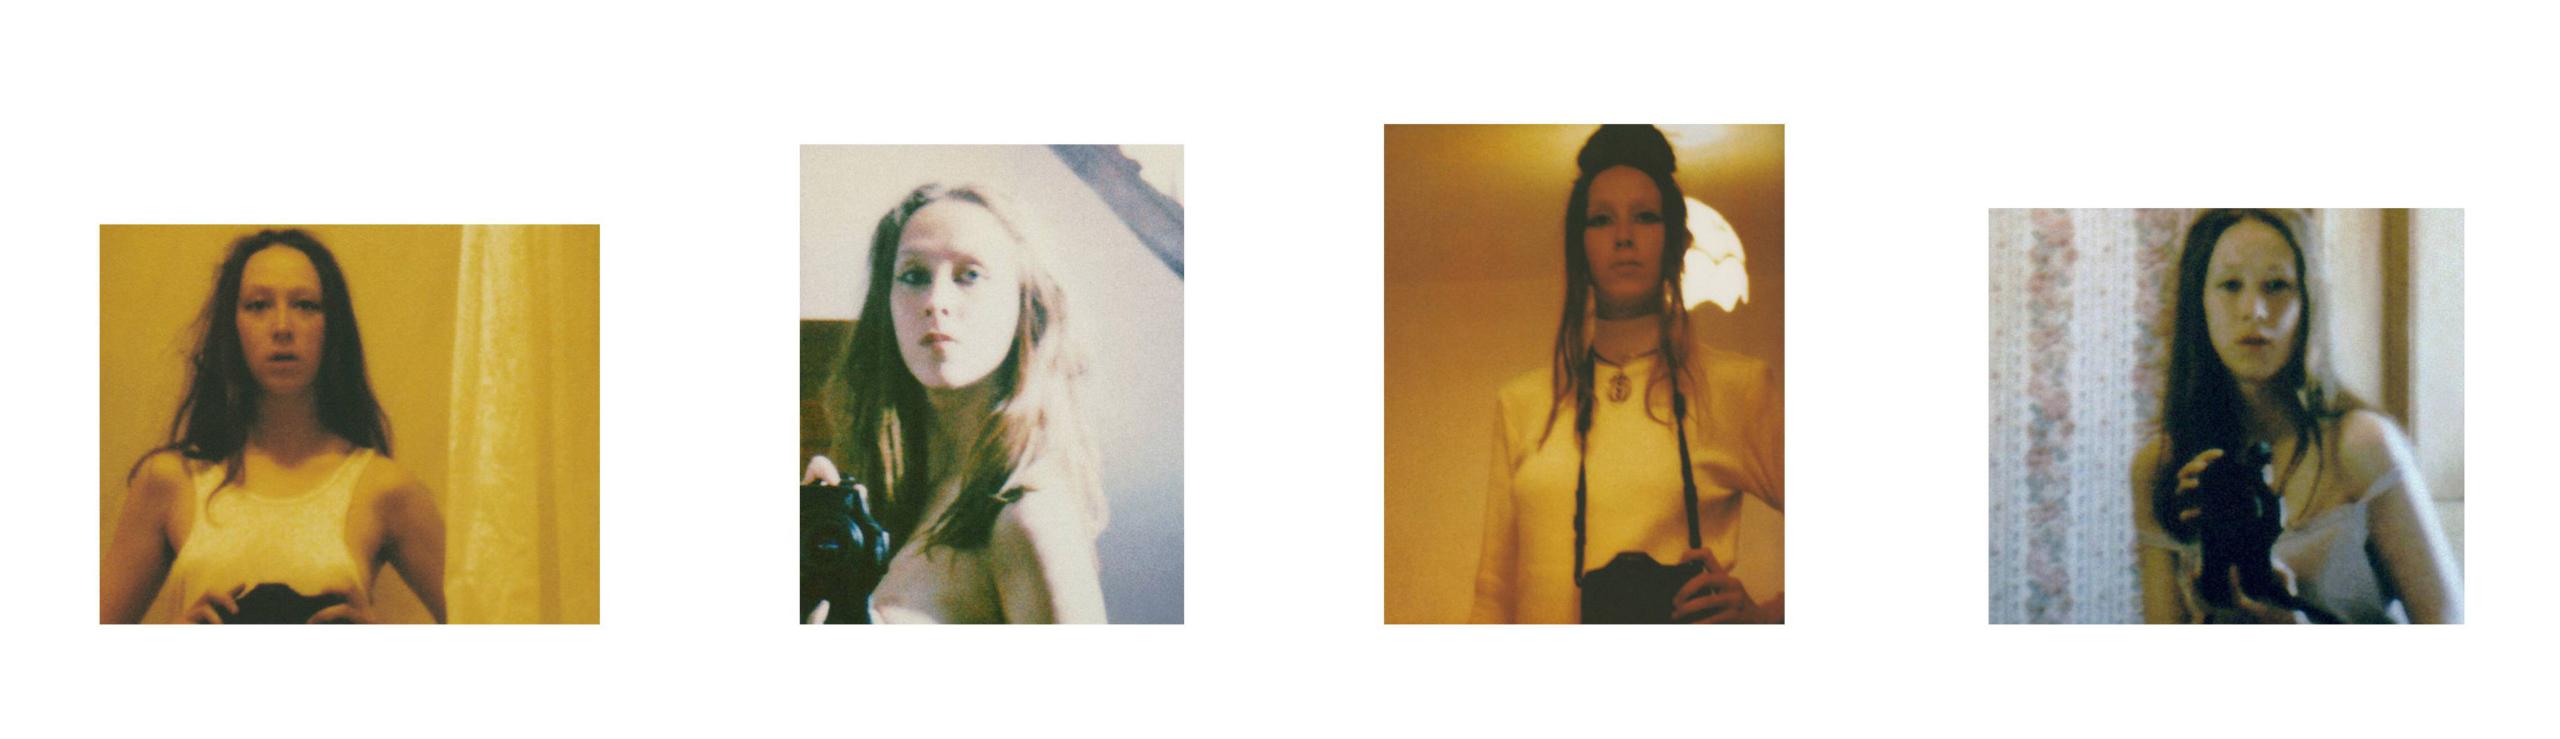 Lique Schoot, 4 Days in Bathroom Mirrors, UK 1998